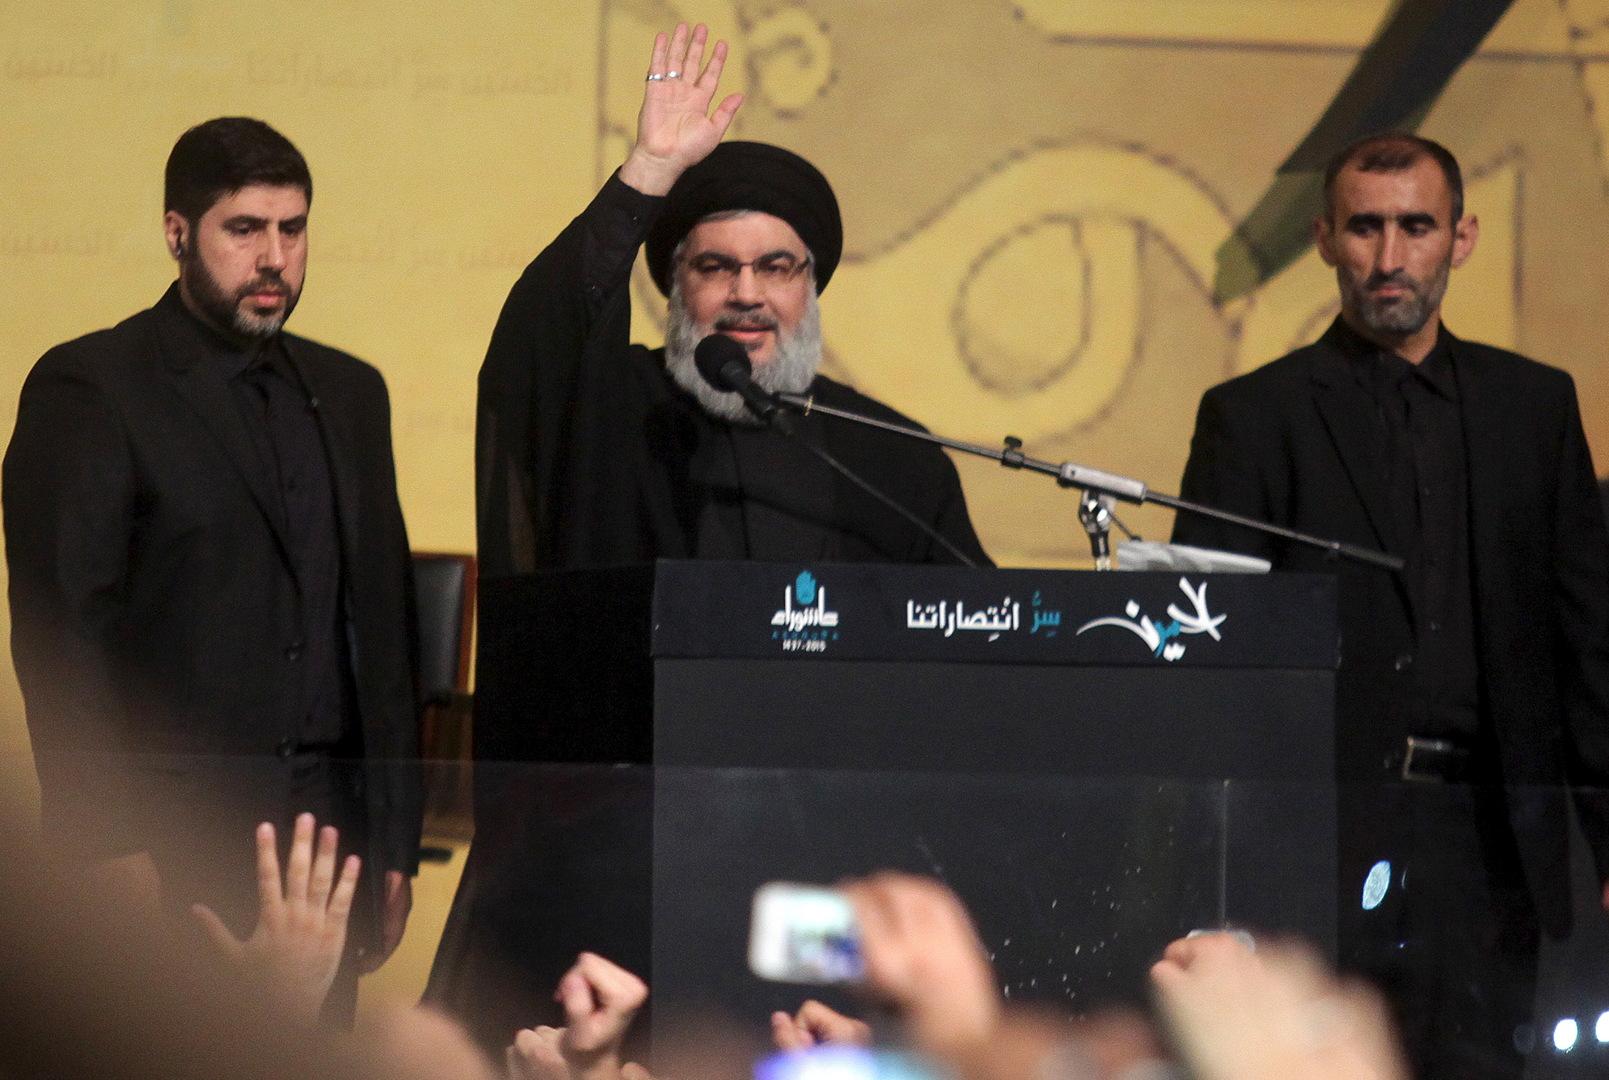 حسن نصر الله: نرفض اتهامنا بقتل الناشط لقمان سليم